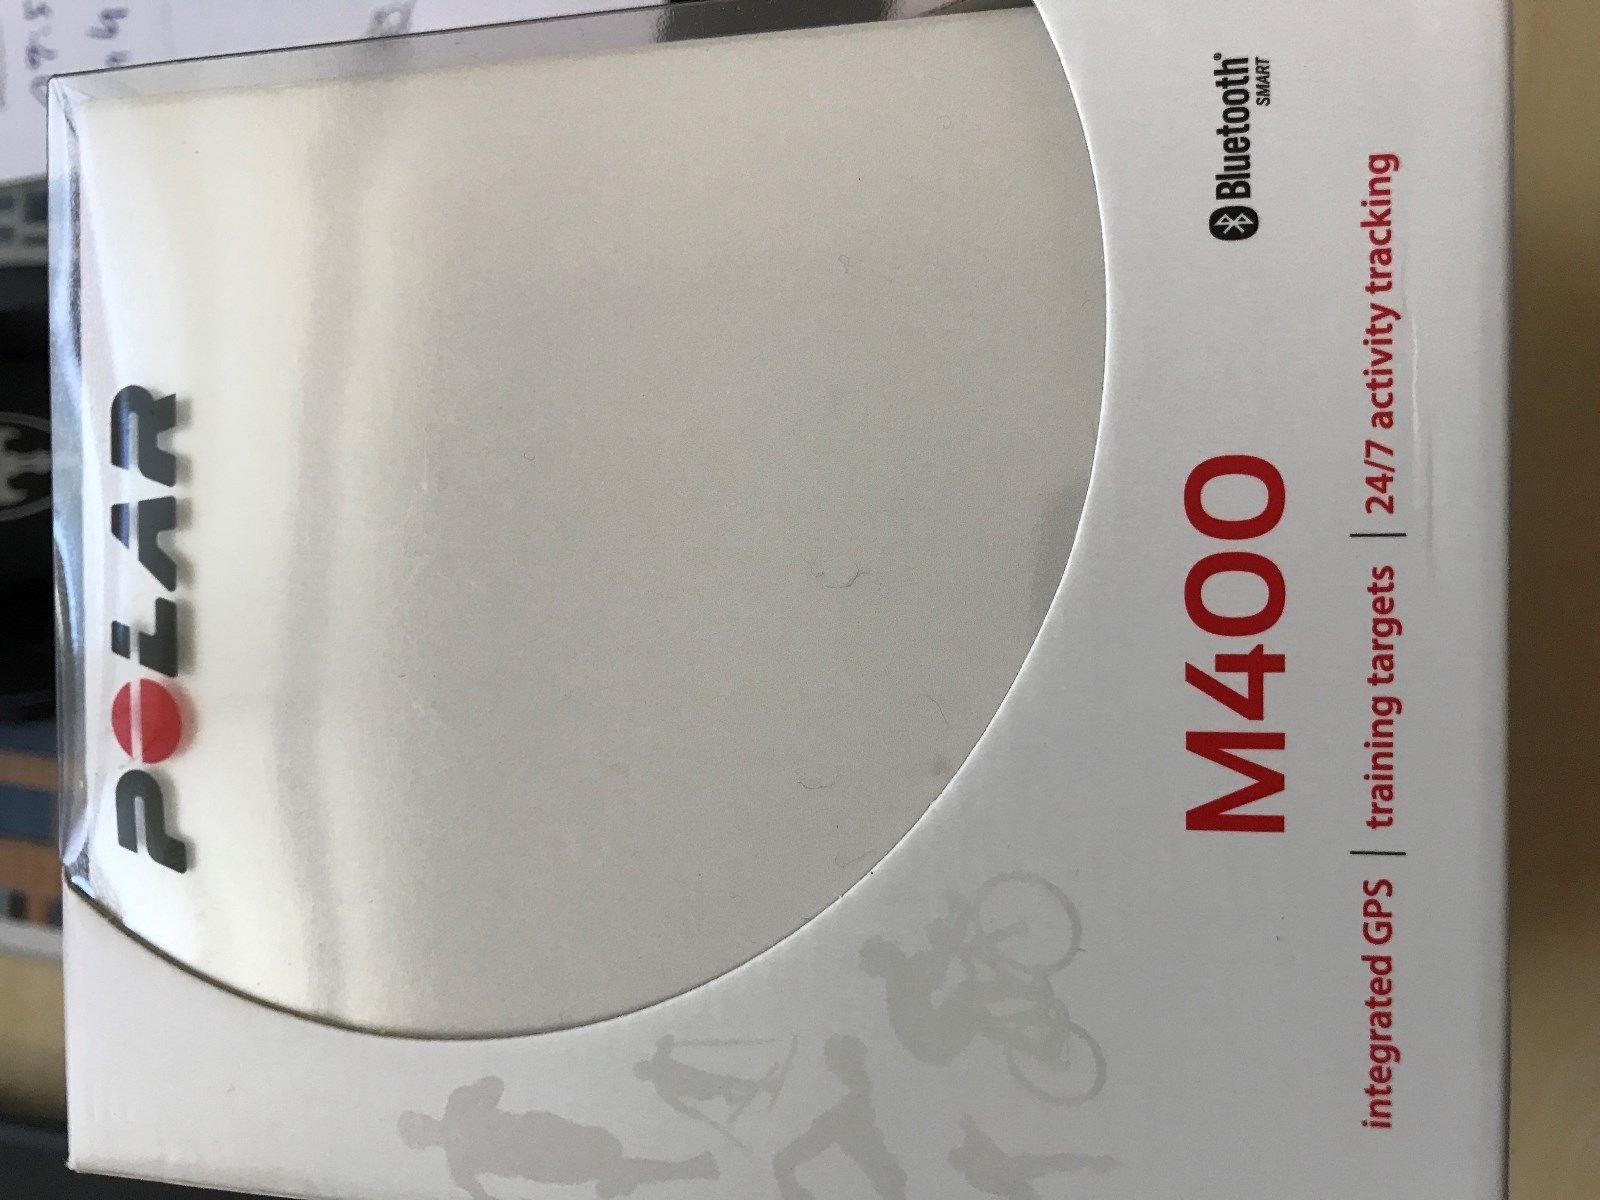 polar m400 und Brustgurt Bluetooth H7